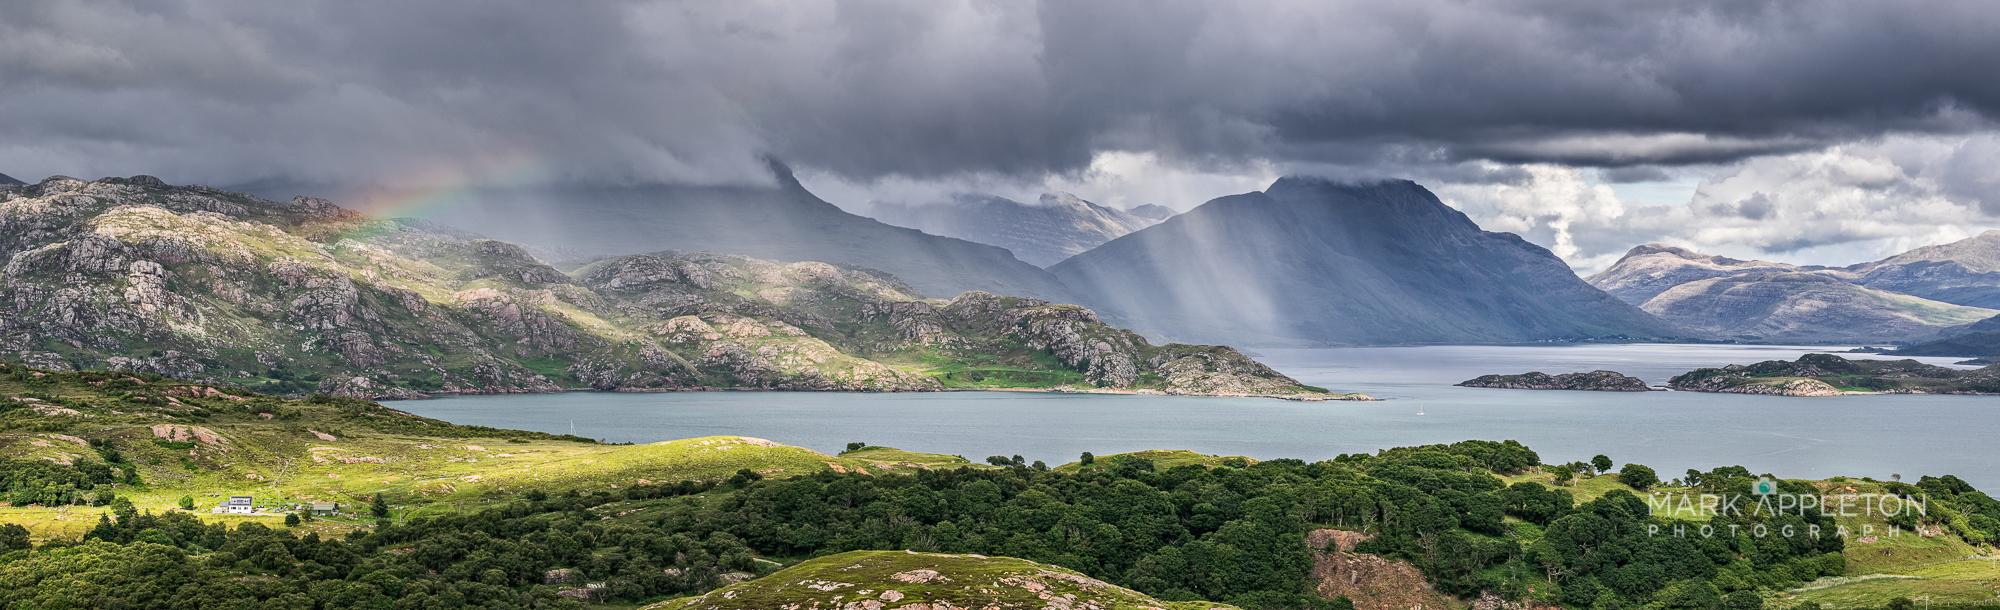 Upper Loch Torridon, Wester Ross